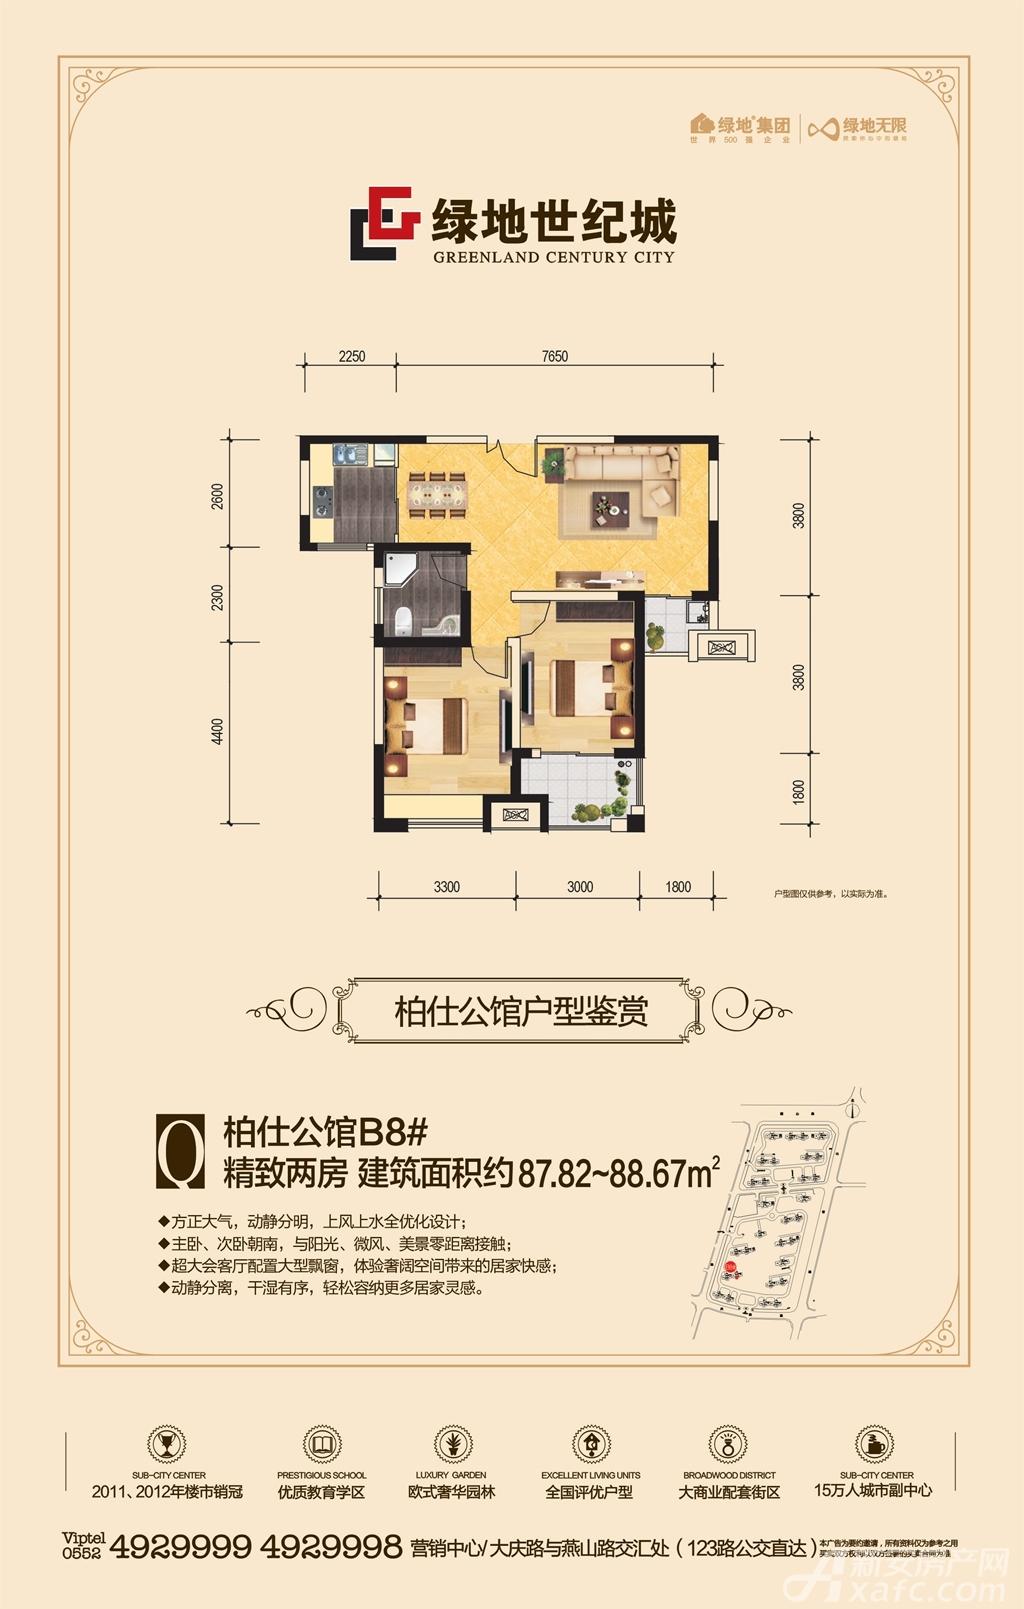 绿地世纪城绿地世纪城O柏庄公馆B8#Q户型2室2厅87.82平米